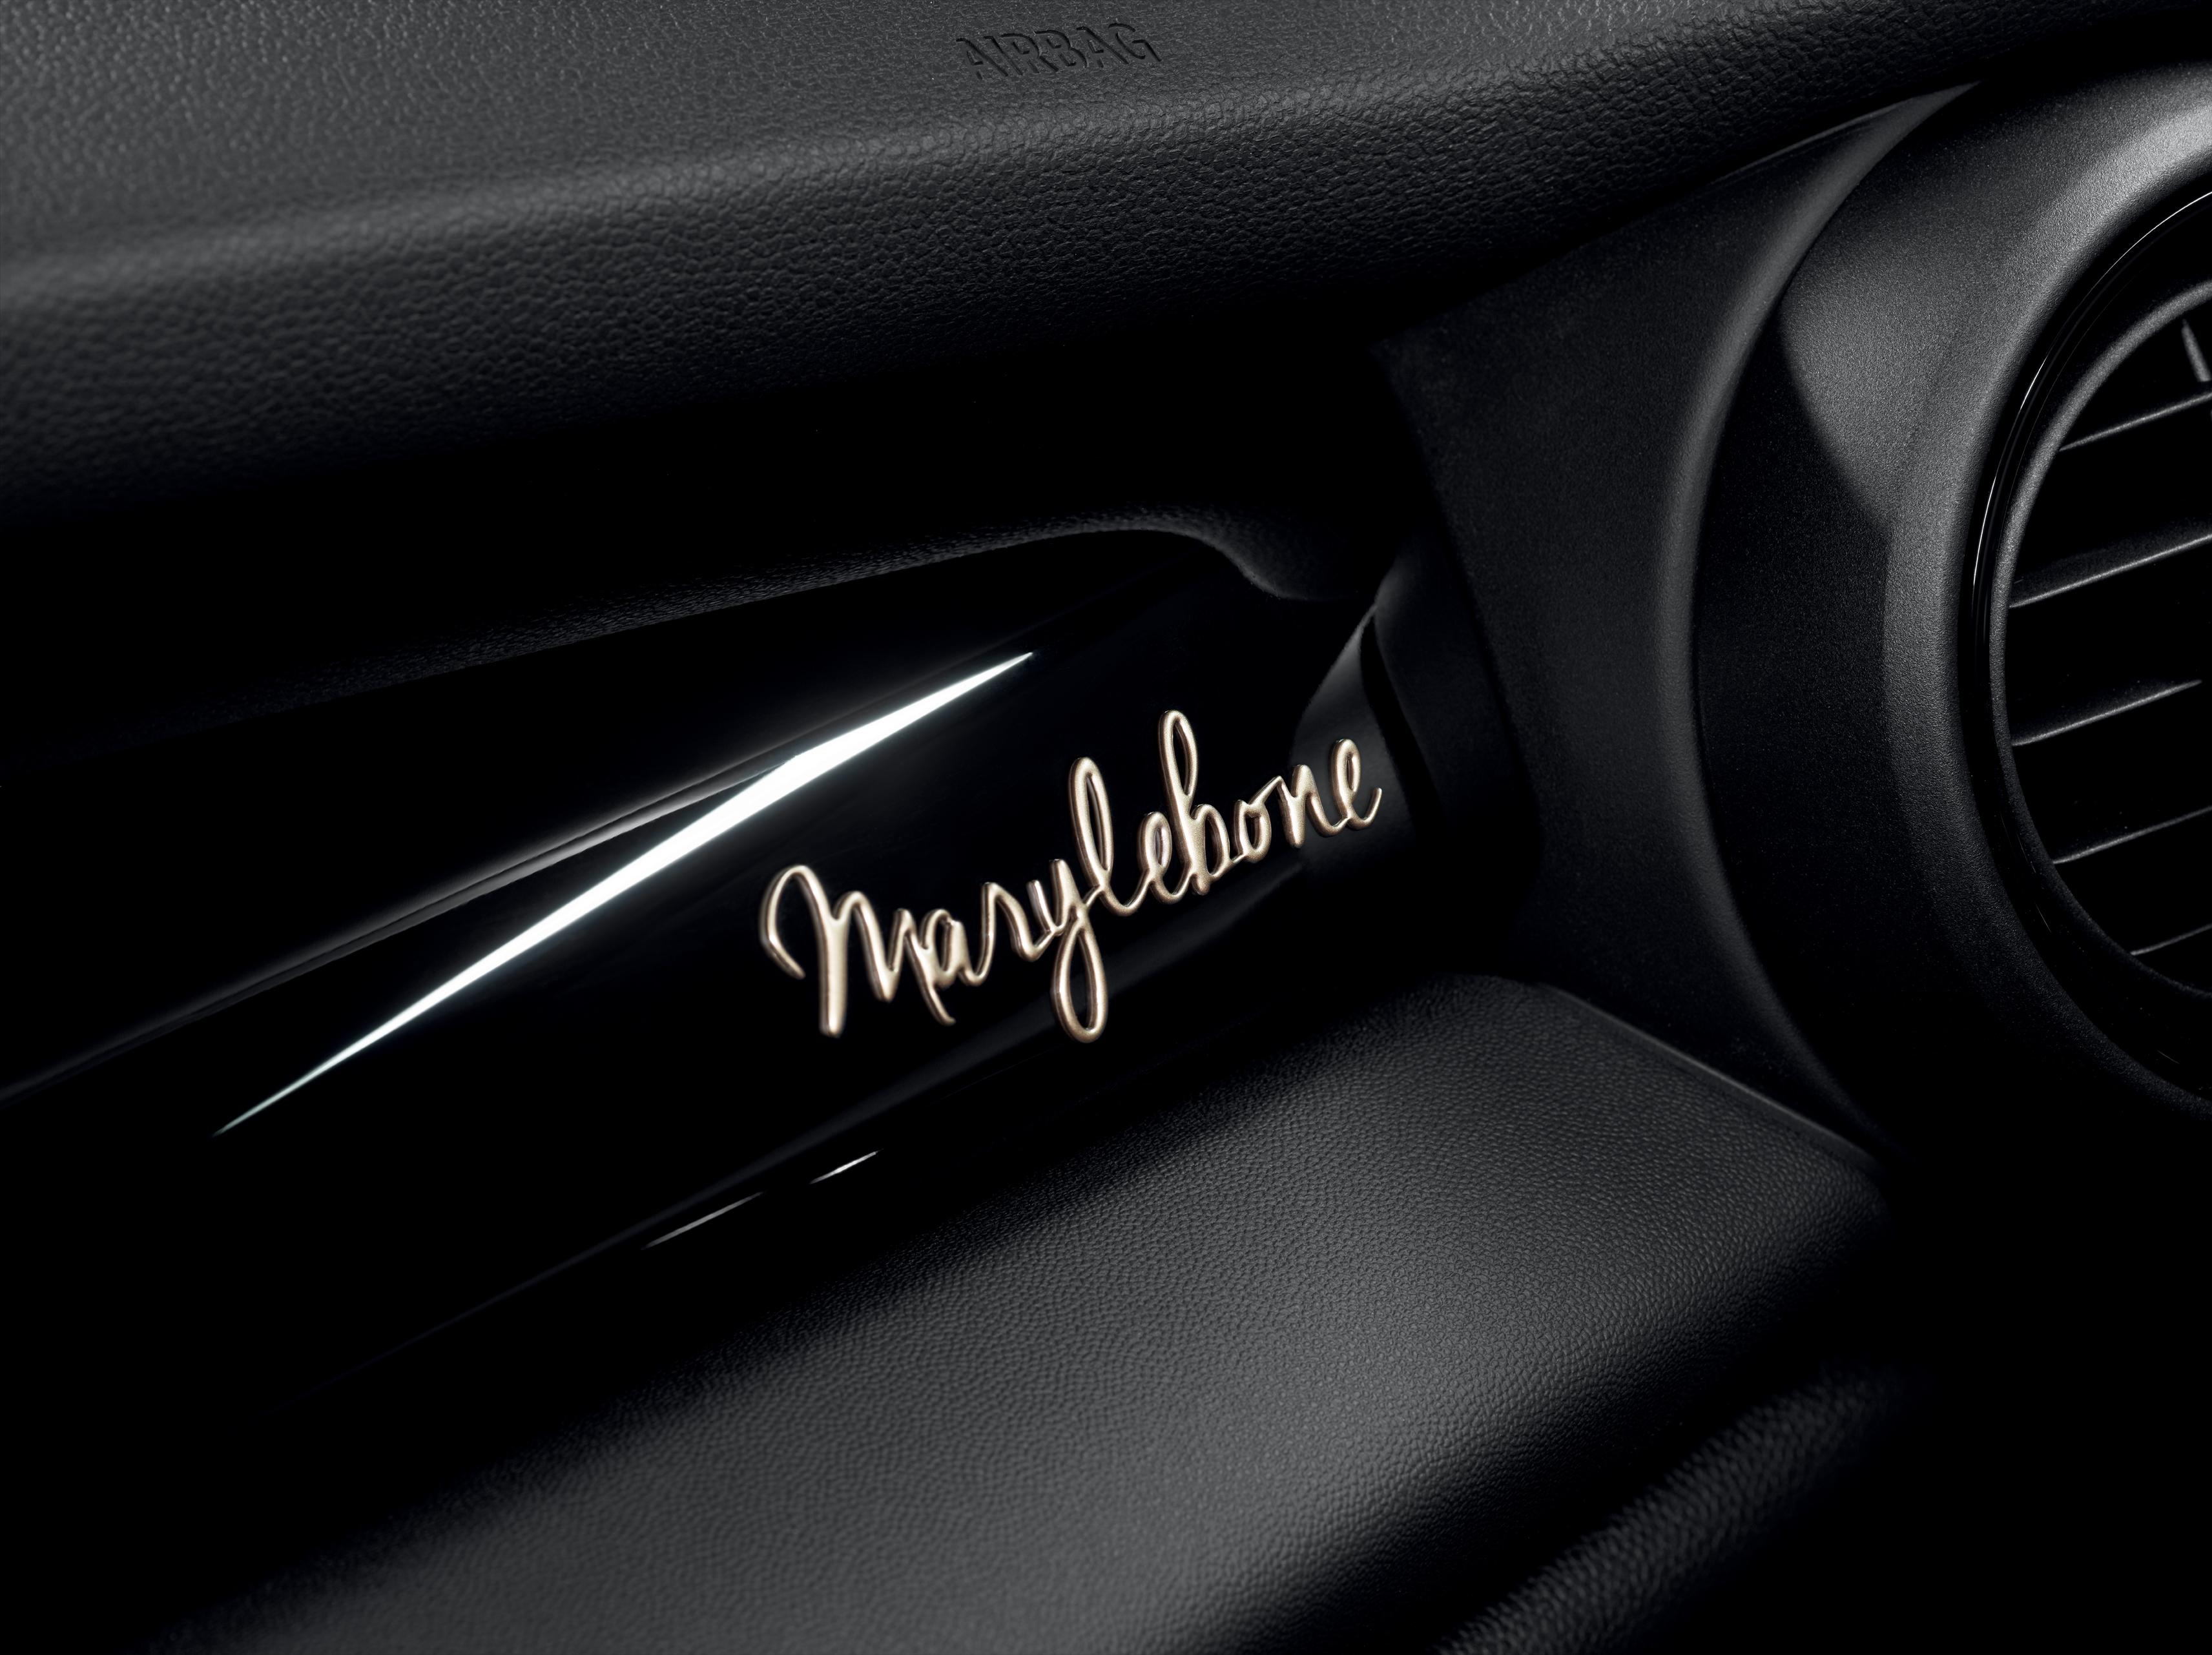 mini lance une s rie limit e edition marylebone juste pour la france. Black Bedroom Furniture Sets. Home Design Ideas